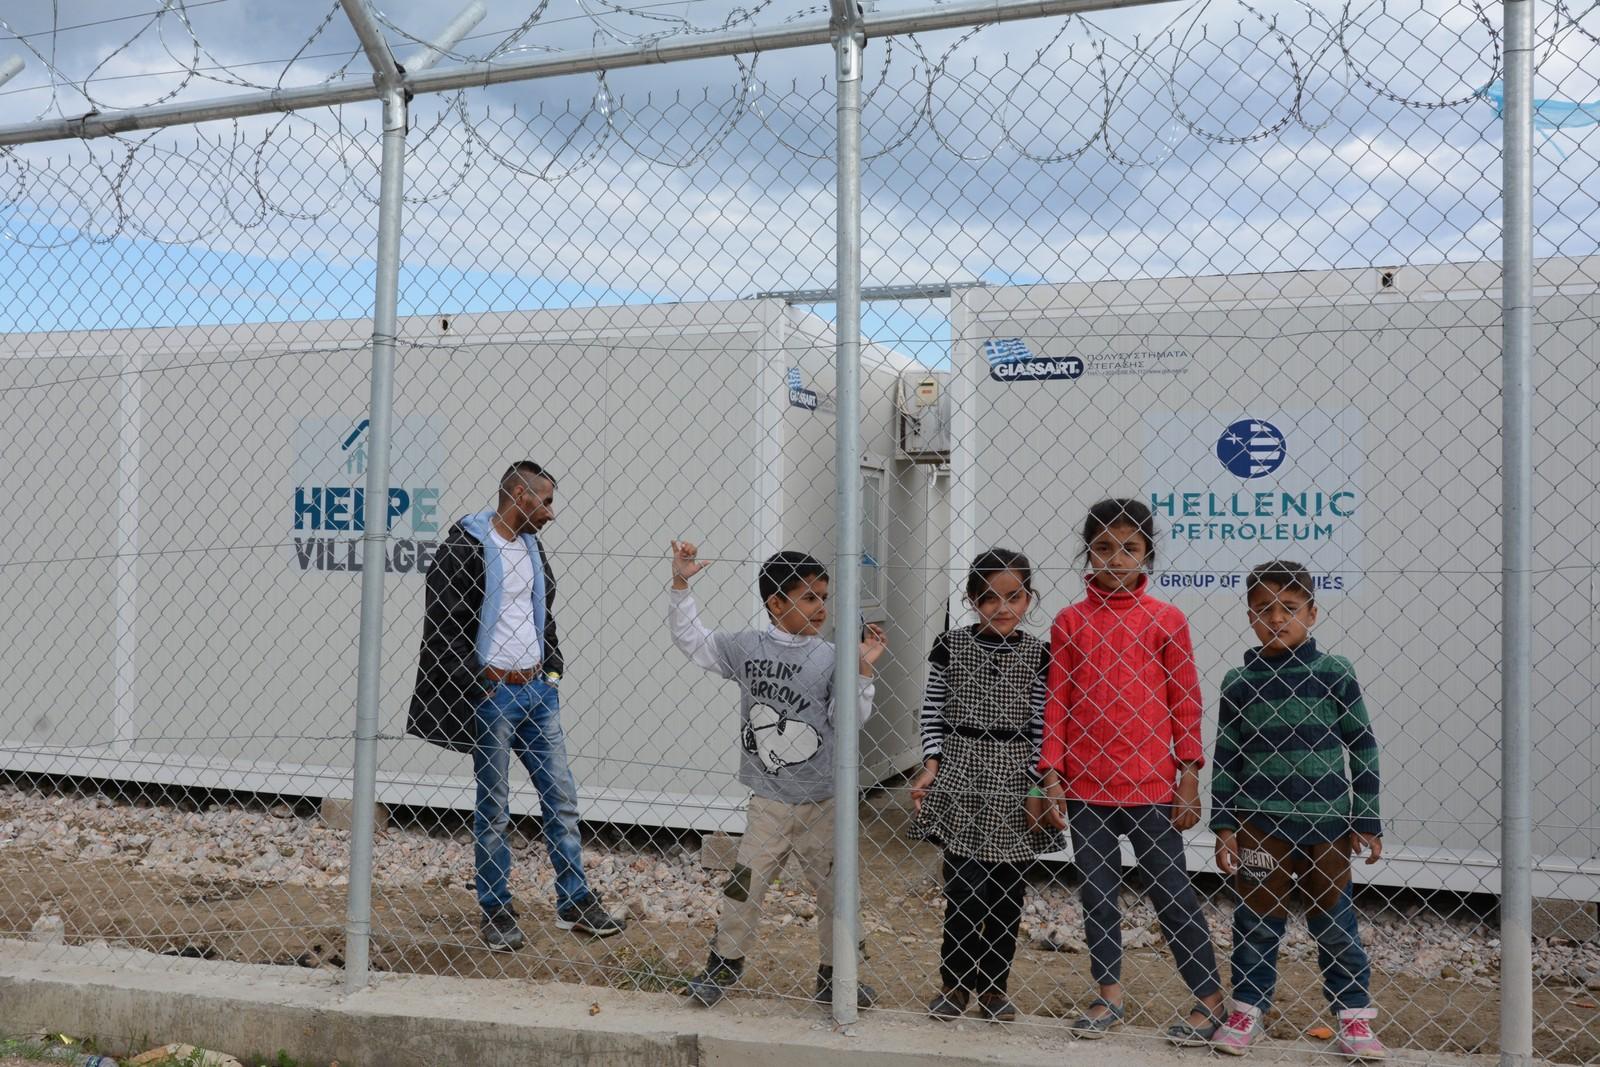 Barna fra venstre: Moin (7), Sainab (8), Nasanin (9) og Farsahd (5) fra Afghanistan er blant barna som er innesperret bak piggtråd i Vial-leiren på Chios.